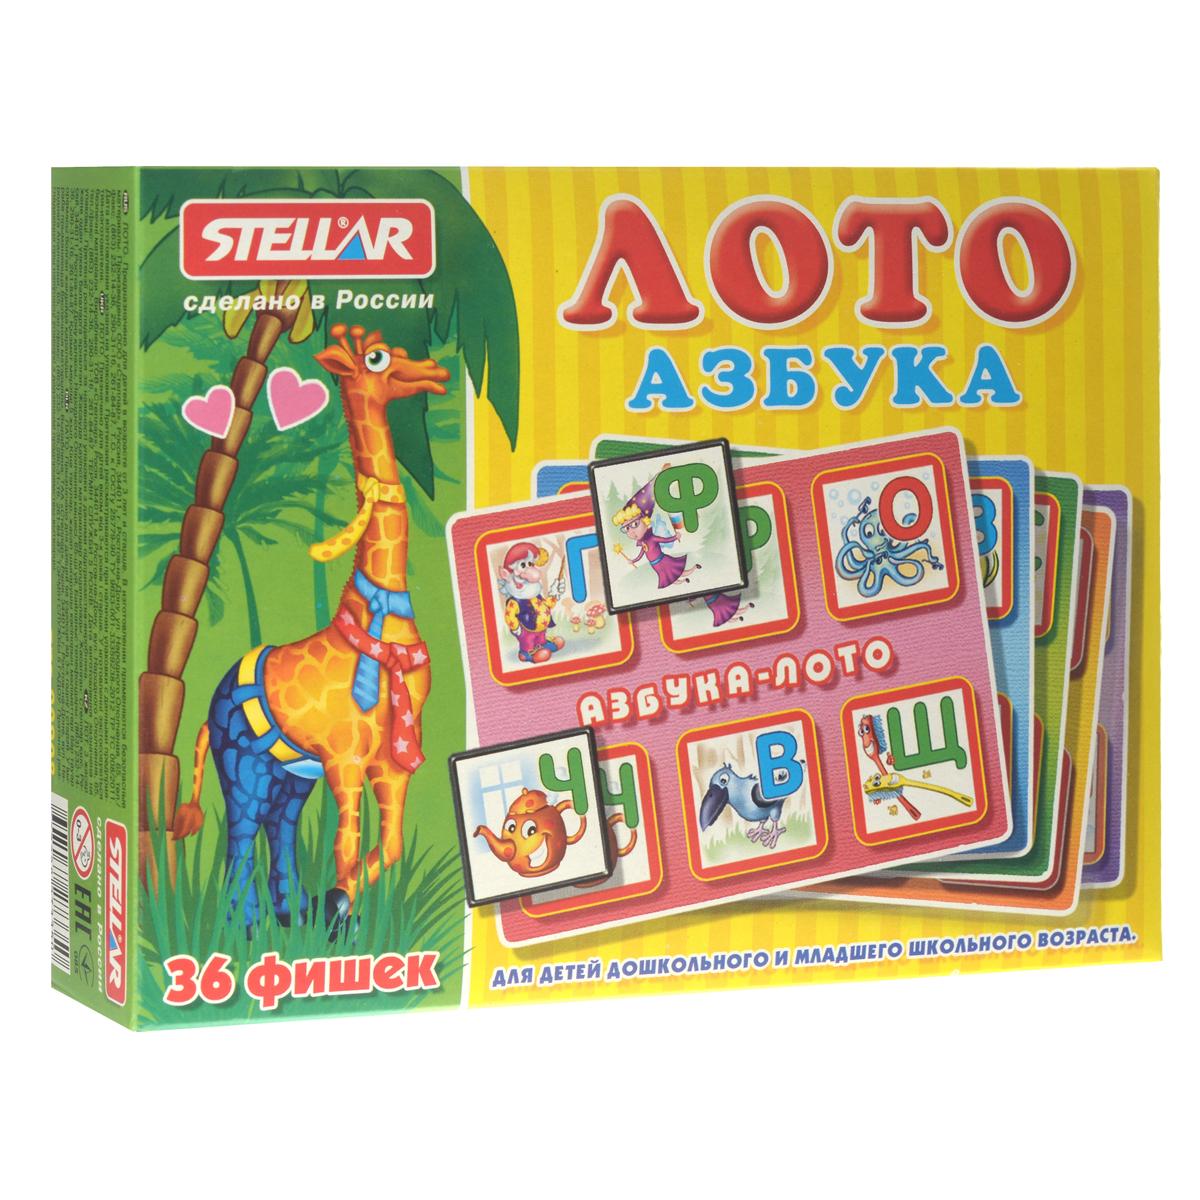 Лото Stellar Азбука00908Лото Stellar Азбука обязательно понравится вашему малышу. Комплект игры включает в себя 36 ярких фишек, выполненных из безопасного полистирола, 6 картонных карточек с забавными рисунками и полиэтиленовый мешочек для перемешивания фишек. В игре могут принимать участие до 6 человек. Фишки складываются в мешочек, игрокам раздают карточки. Ведущий достает фишки из мешка, а игроки накрывают ими совпавшие картинки. Выигрывает тот, кто первым накроет фишками все картинки. Также красочные фишки можно использовать в качестве обучающего материала - на примере картинок вы сможете рассказать малышу о буквах русского алфавита. Игра в лото не только подарит малышу множество веселых мгновений, но и поможет познакомиться с новыми словами, а также развить внимательность, пространственное мышление и мелкую моторику.